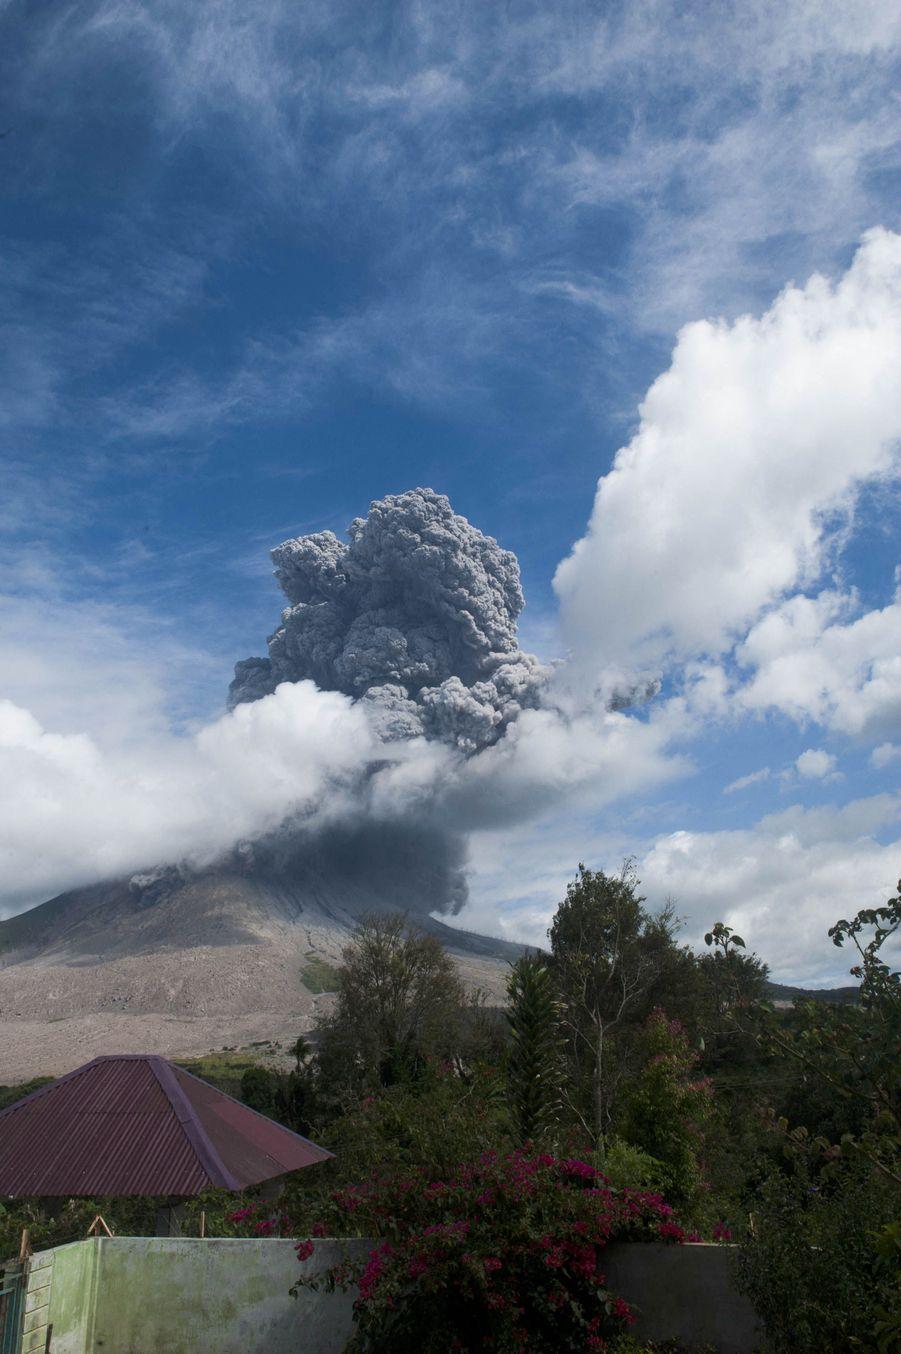 Le mont Sinabung se trouve au nord ouest de l'Indonésie.